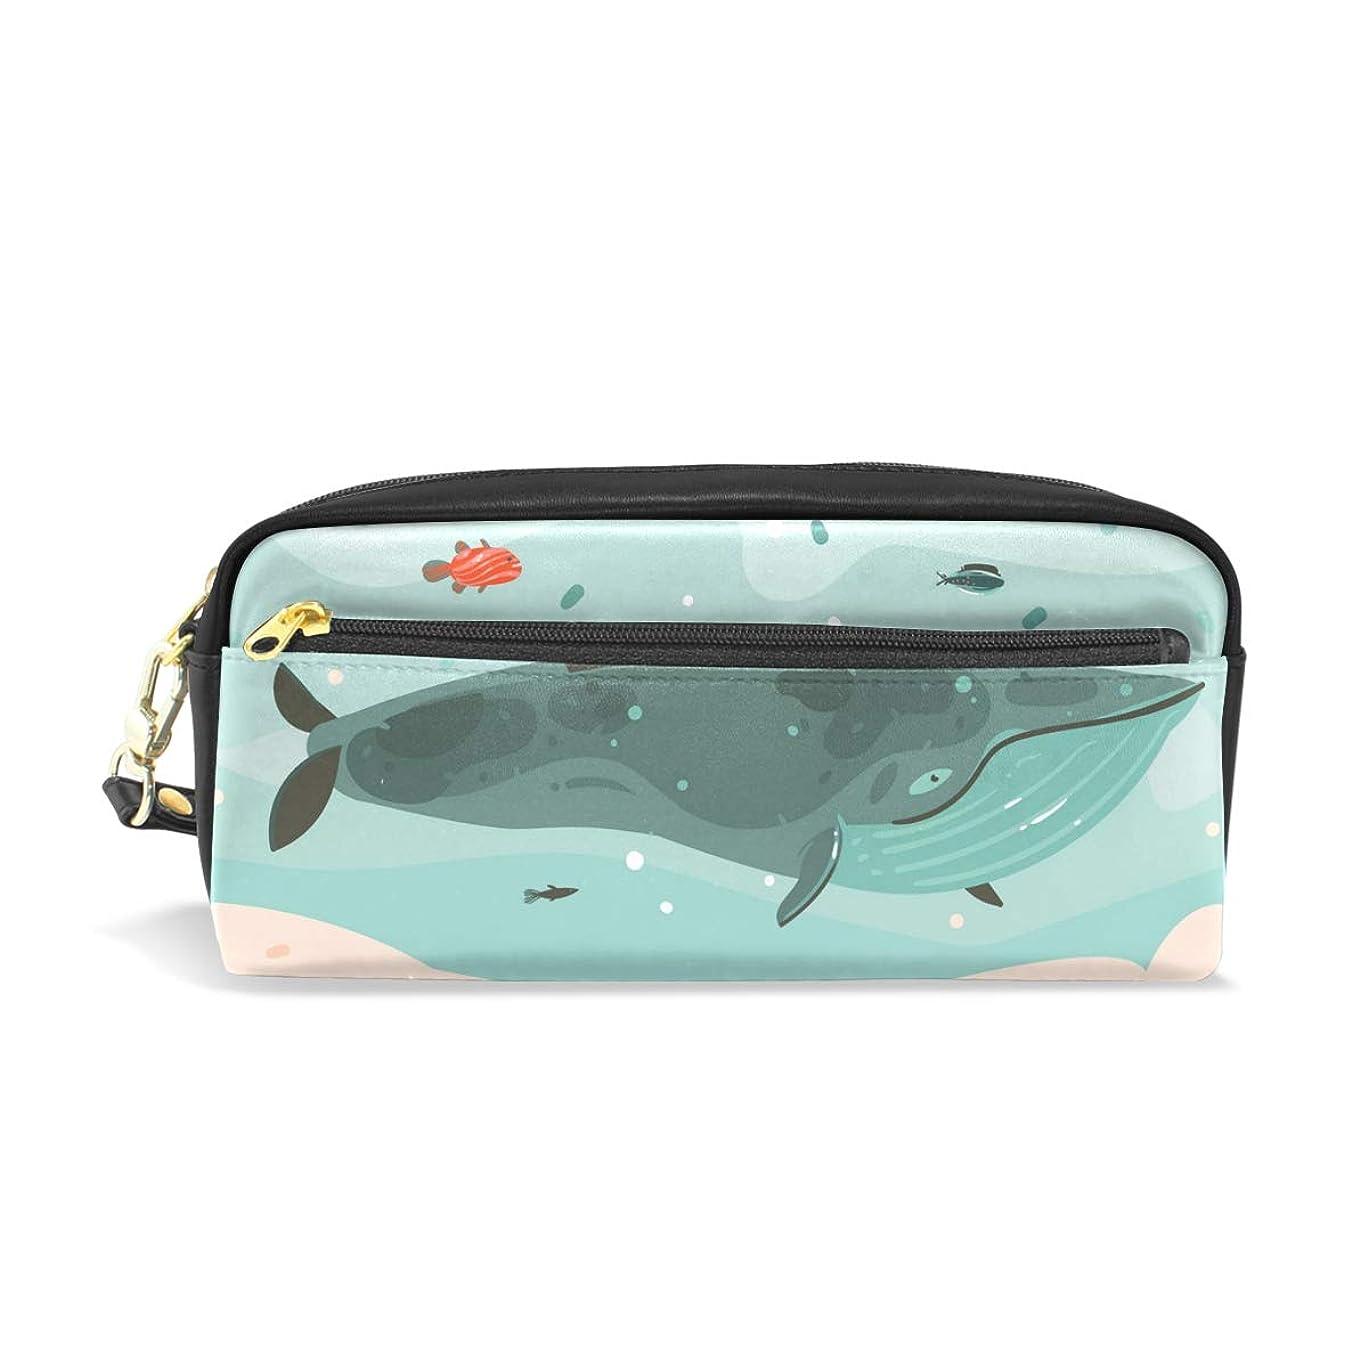 手錠ジャーナル分類するAOMOKI ペンケース 小物入り 多機能バッグ ペンポーチ 化粧ポーチ 男女兼用 ギフト プレゼント おしゃれ かわいい クジラ 魚 海